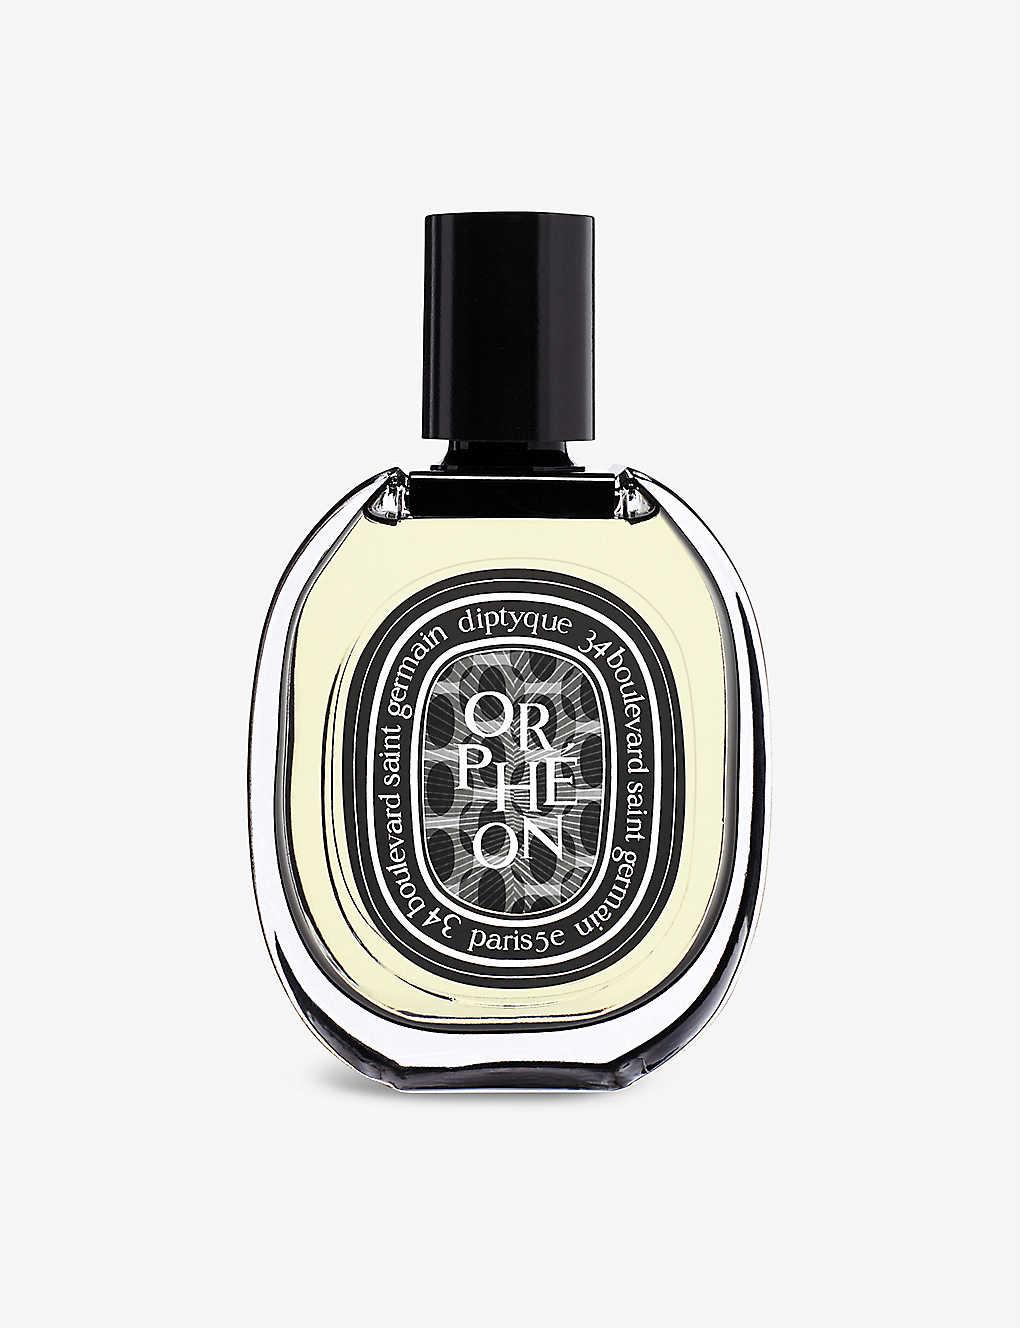 DIPTYQUE   Orphéon eau de parfum 20ml   Selfridges.com